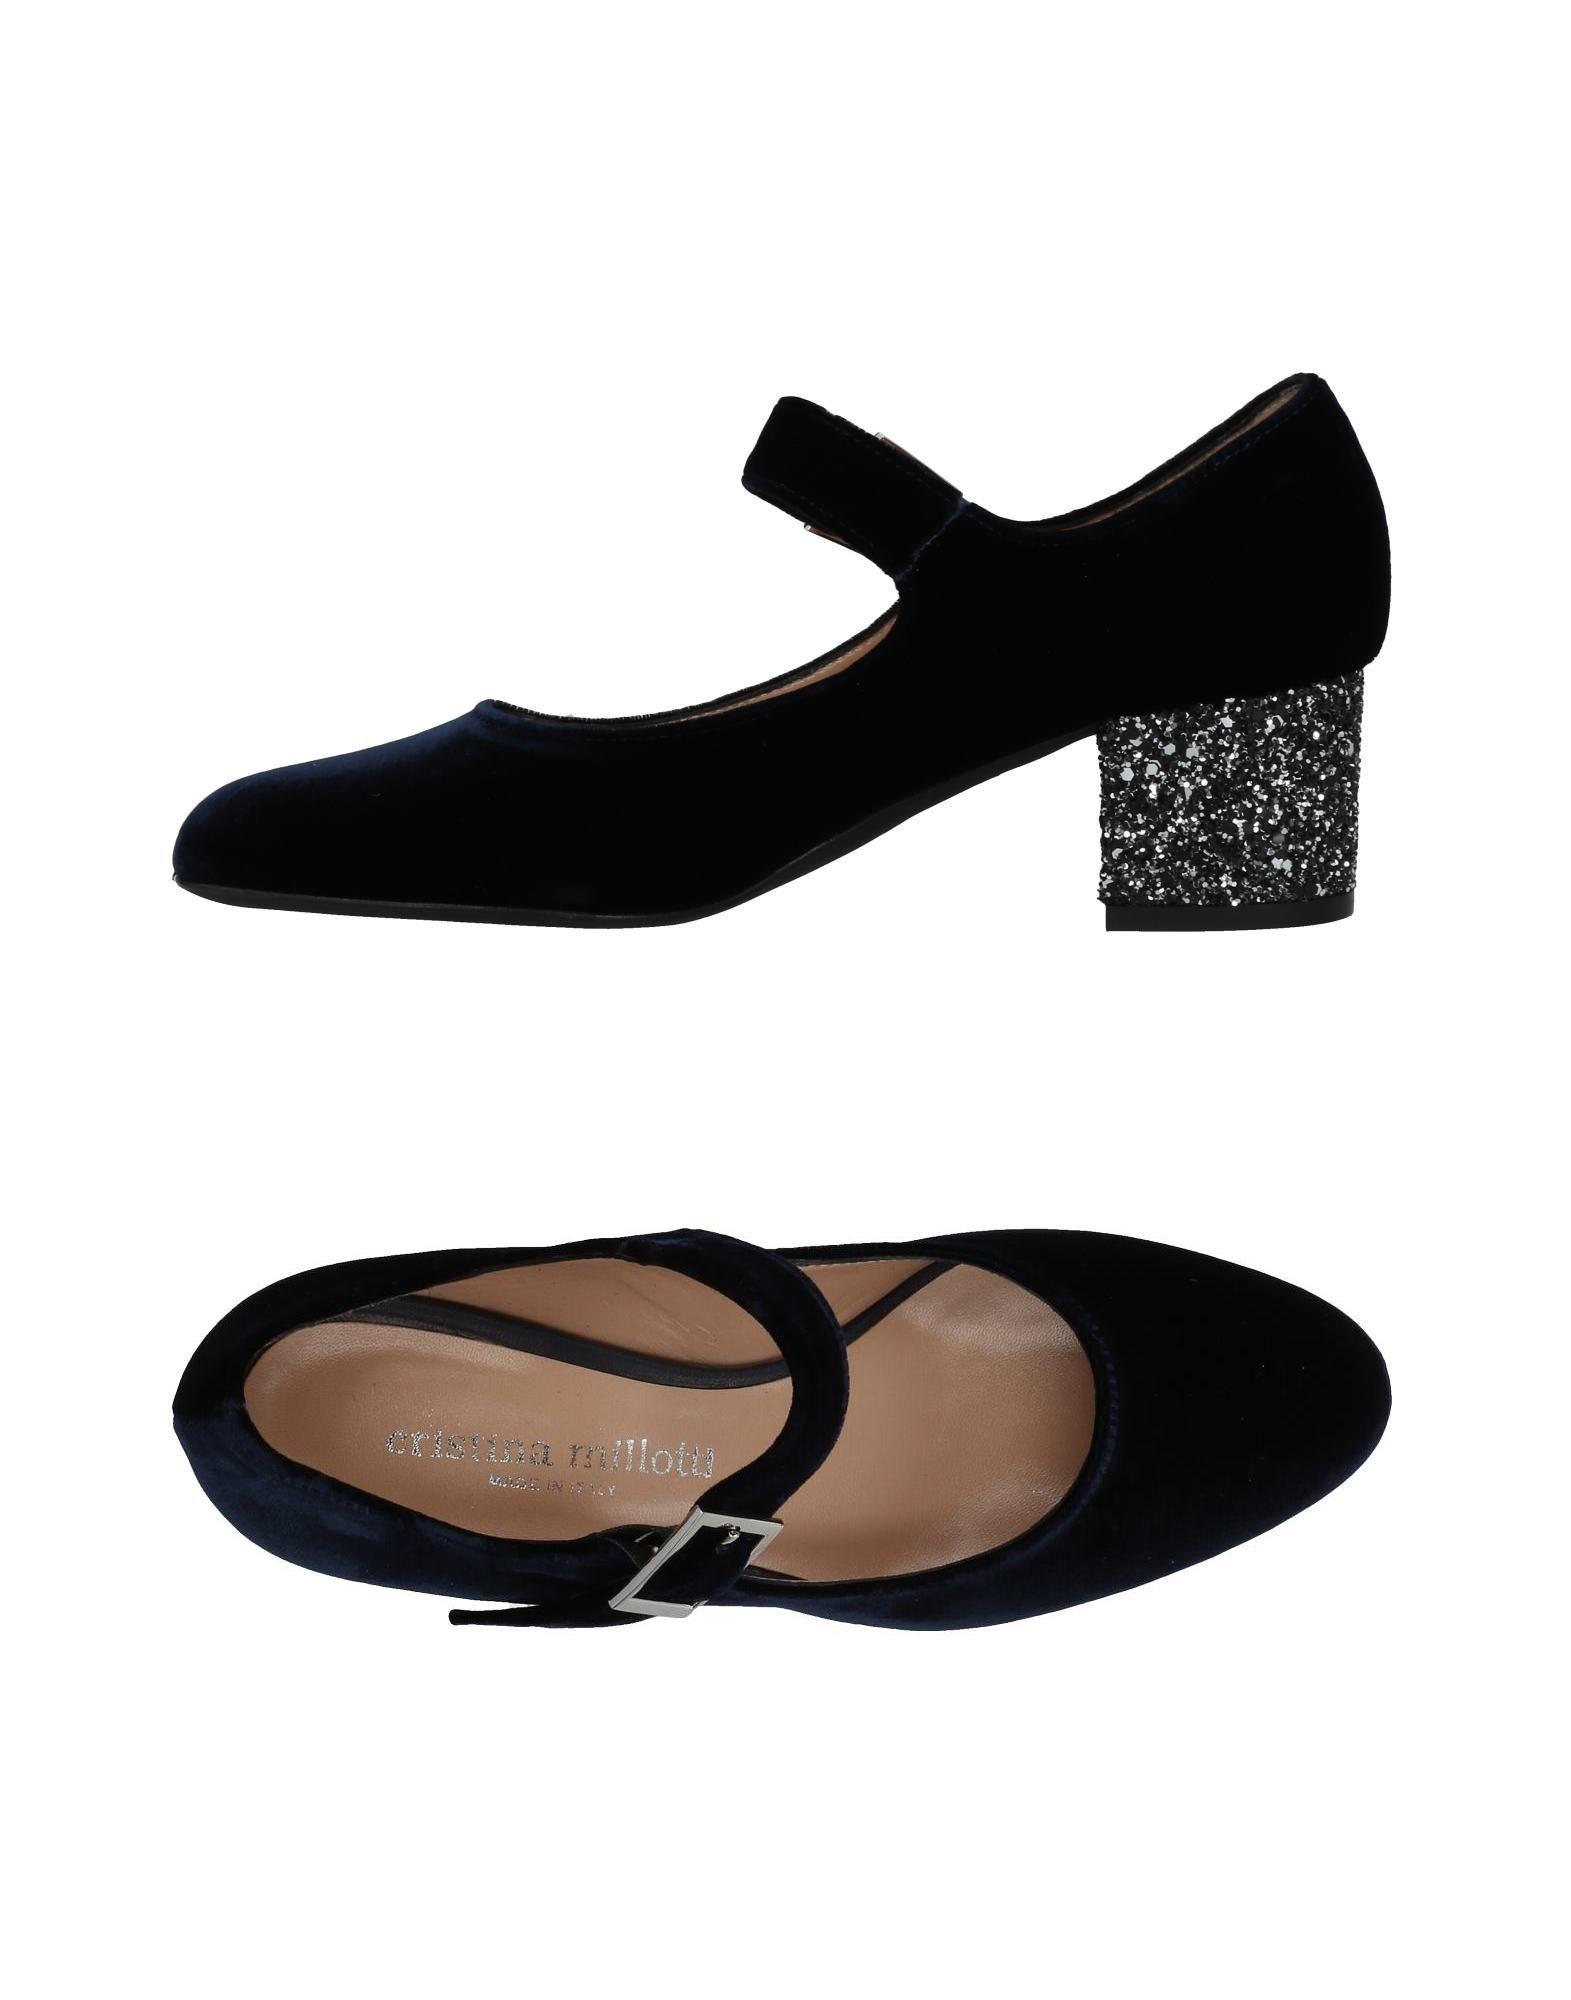 Mocassino Nuove Cantarelli Donna - 11516354DB Nuove Mocassino offerte e scarpe comode 456fca